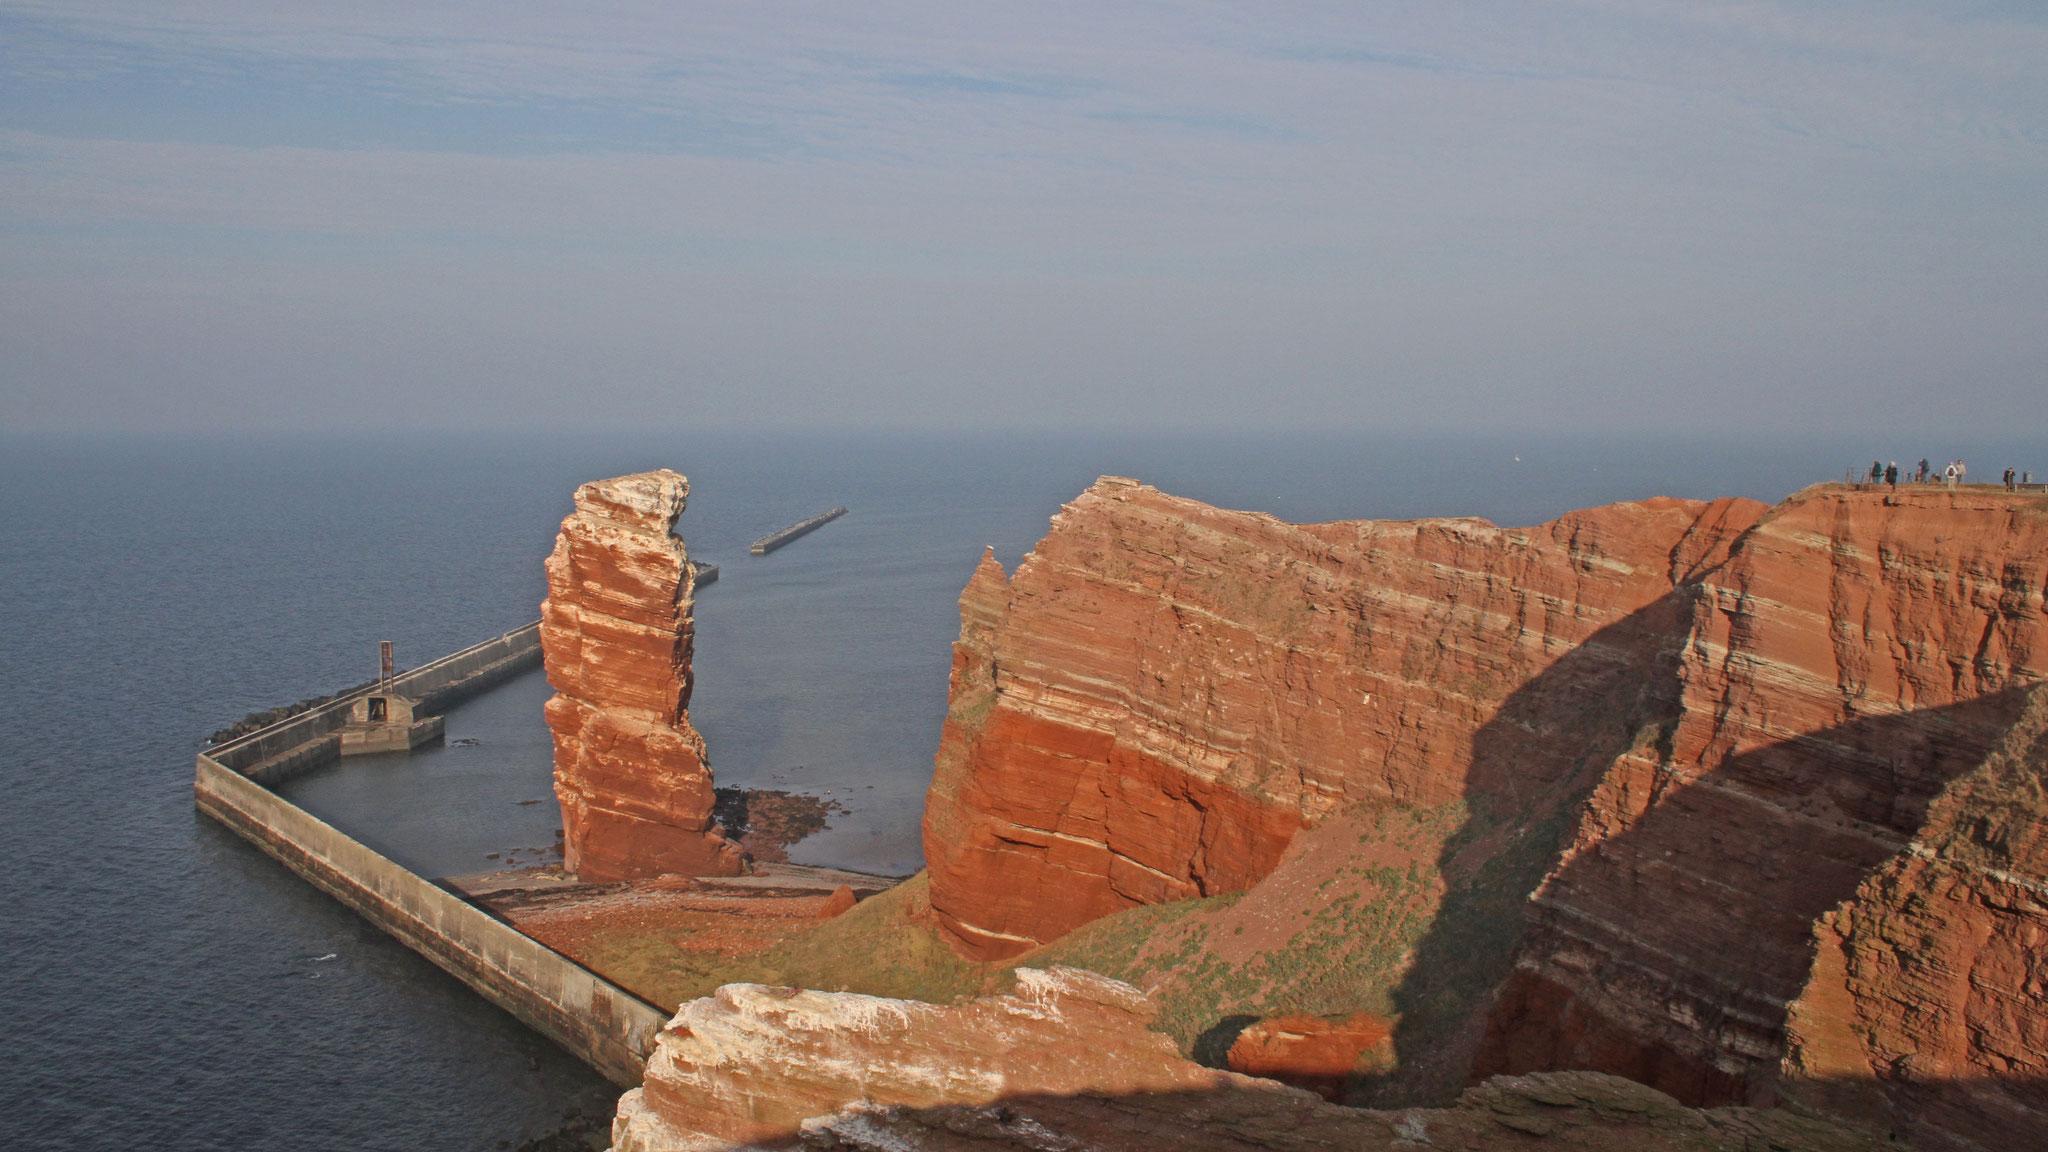 Da wir noch nichts gebucht hatten, konnten wir kurzfristig auf die Vogelinsel in der Nordsee ausweichen.